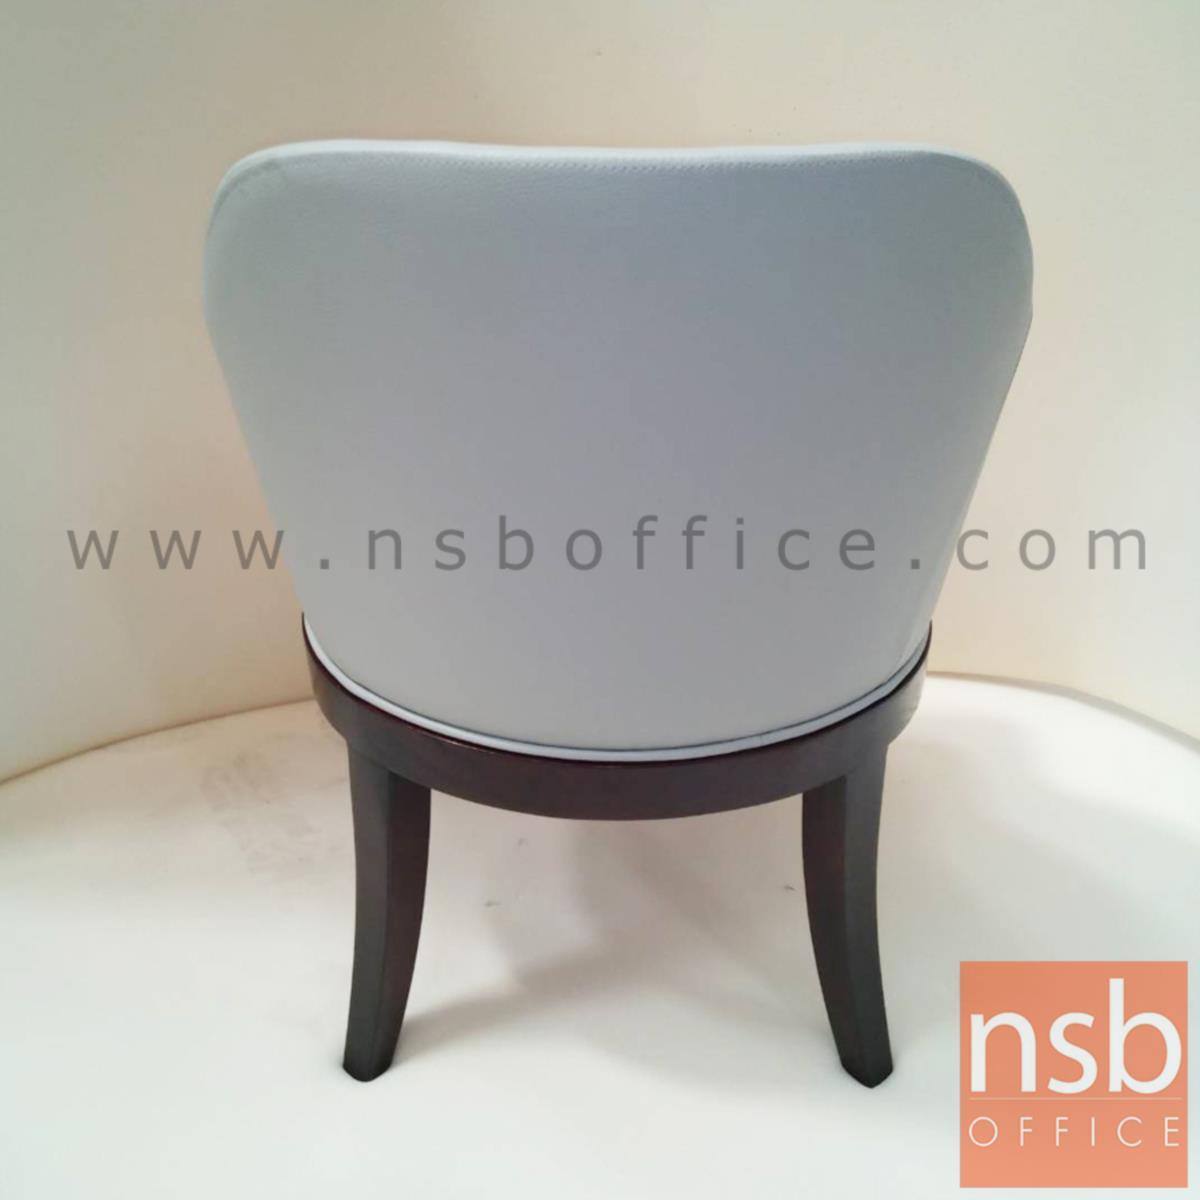 เก้าอี้รับรองหุ้มหนังเทียม PU Tango-big หน้าเบาะกว้าง 50 cm. ขาไม้ยางตรง